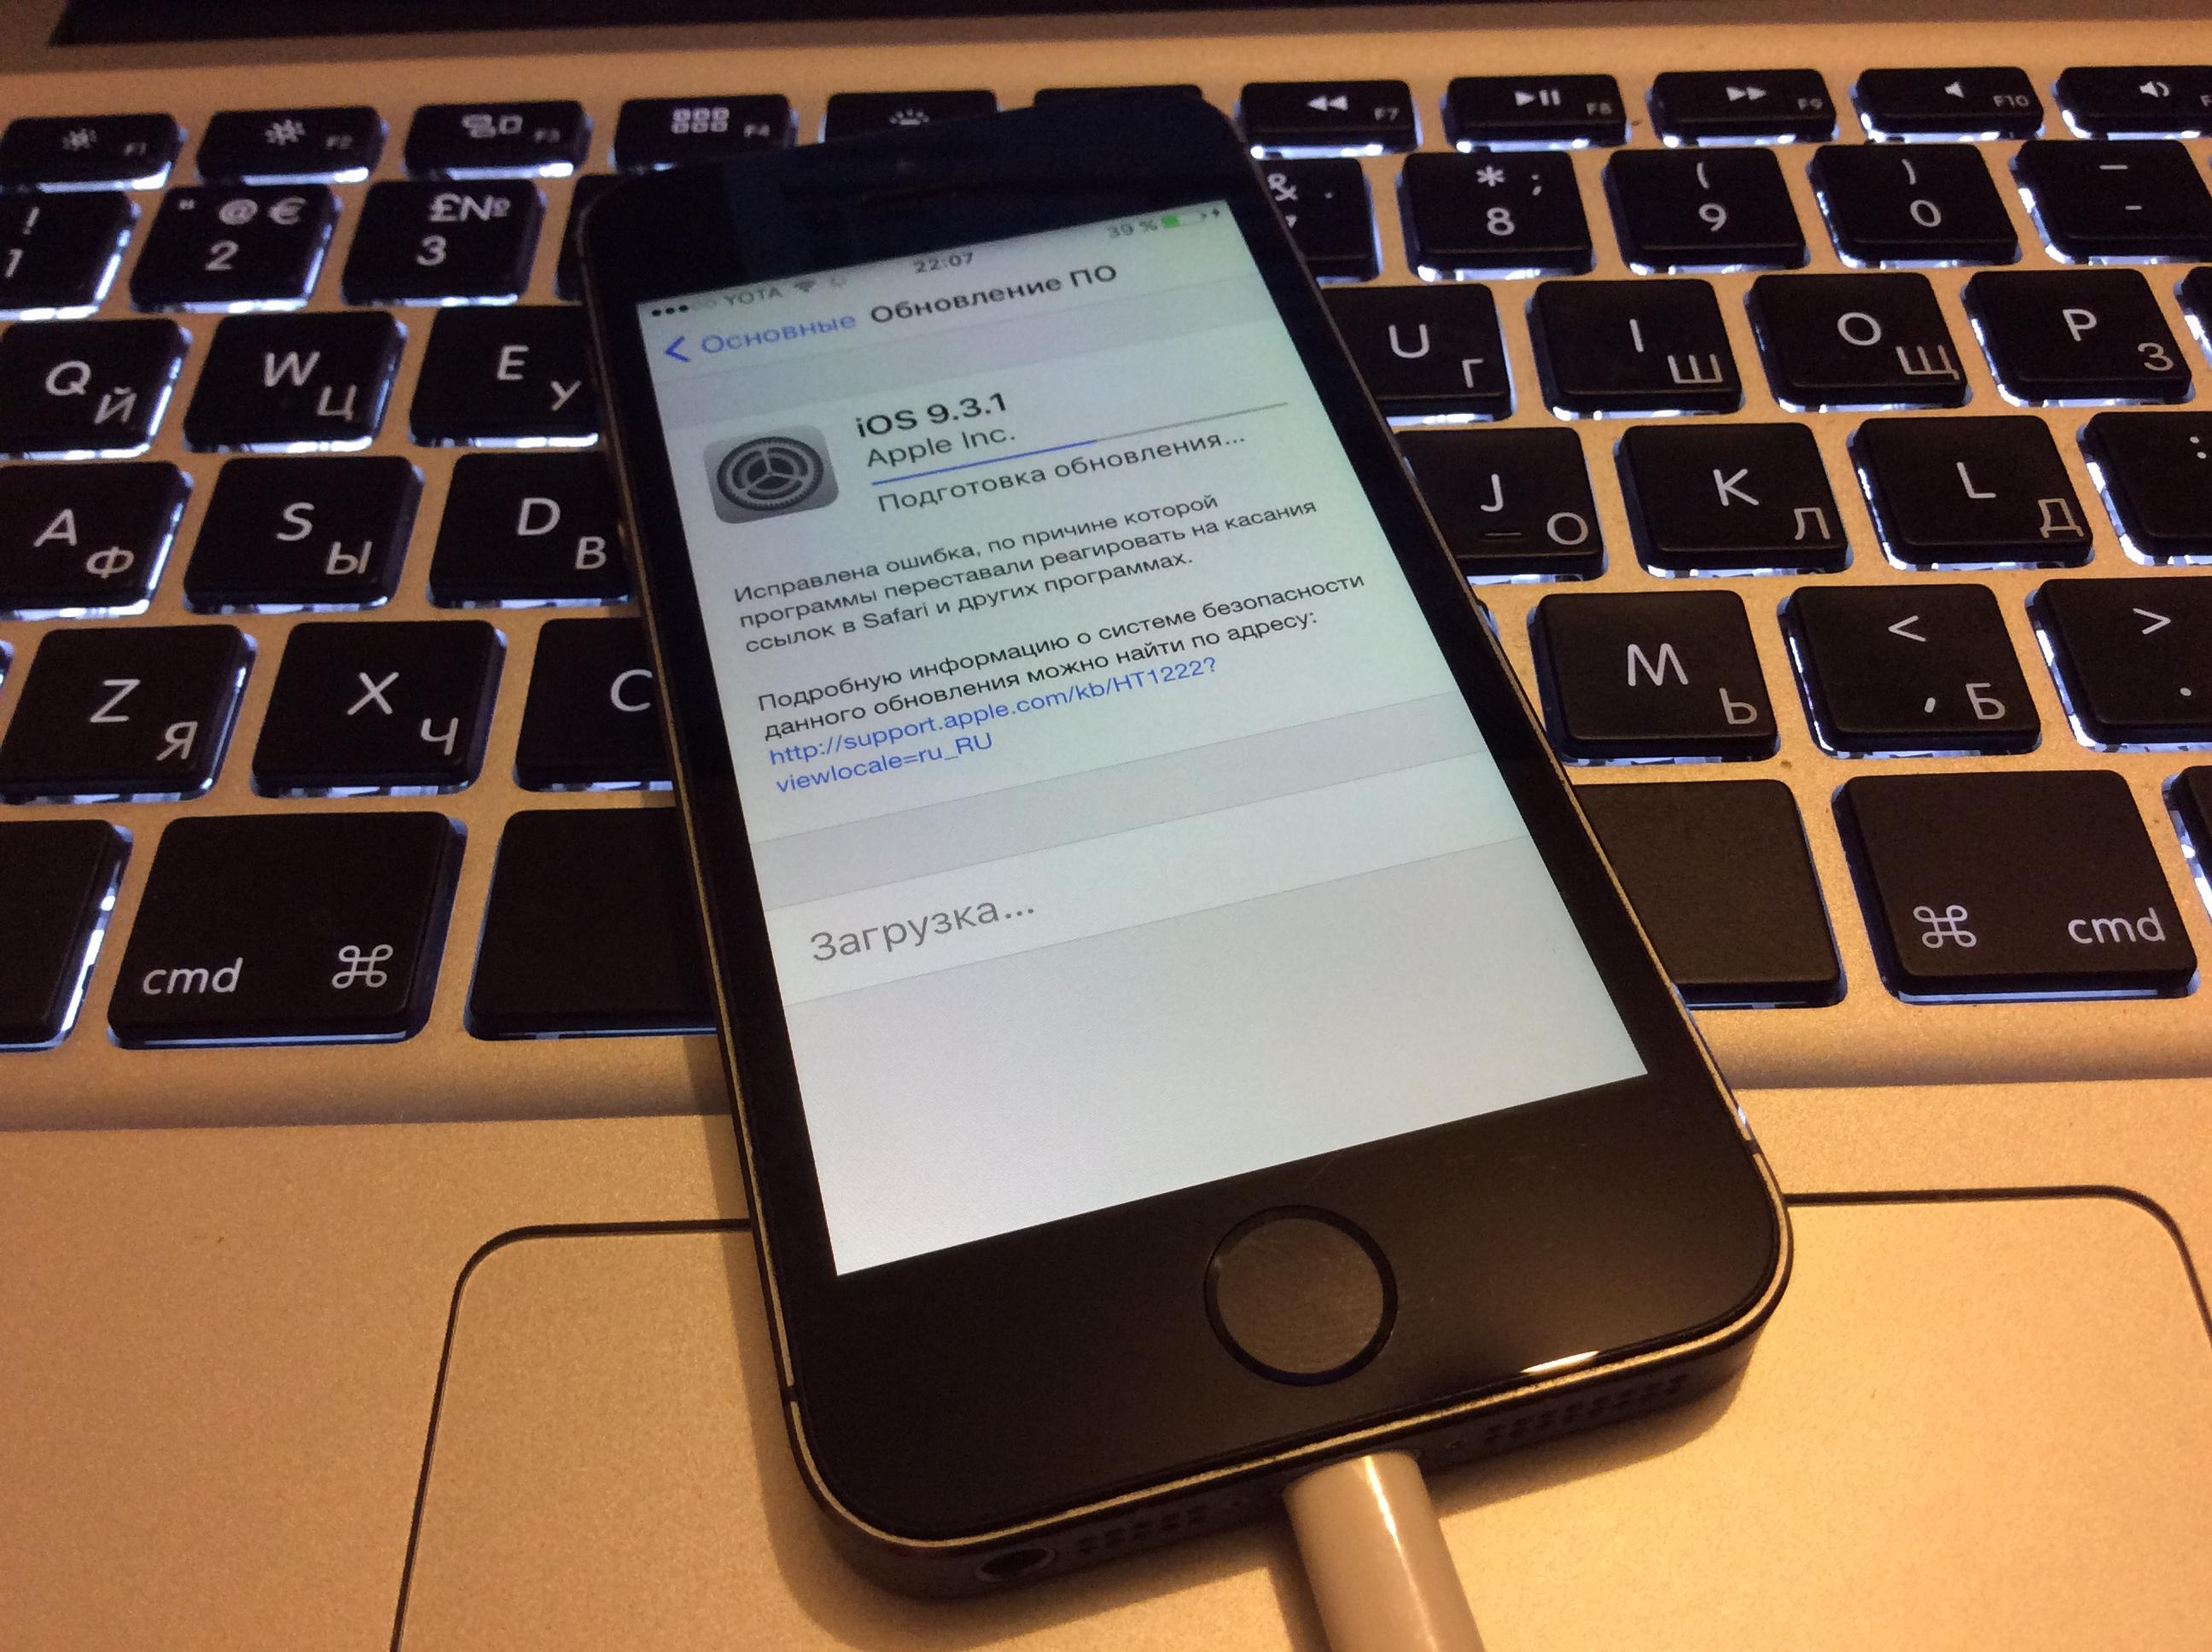 Обновление прошивки iOS 9.3.1 для iPhone и iPad